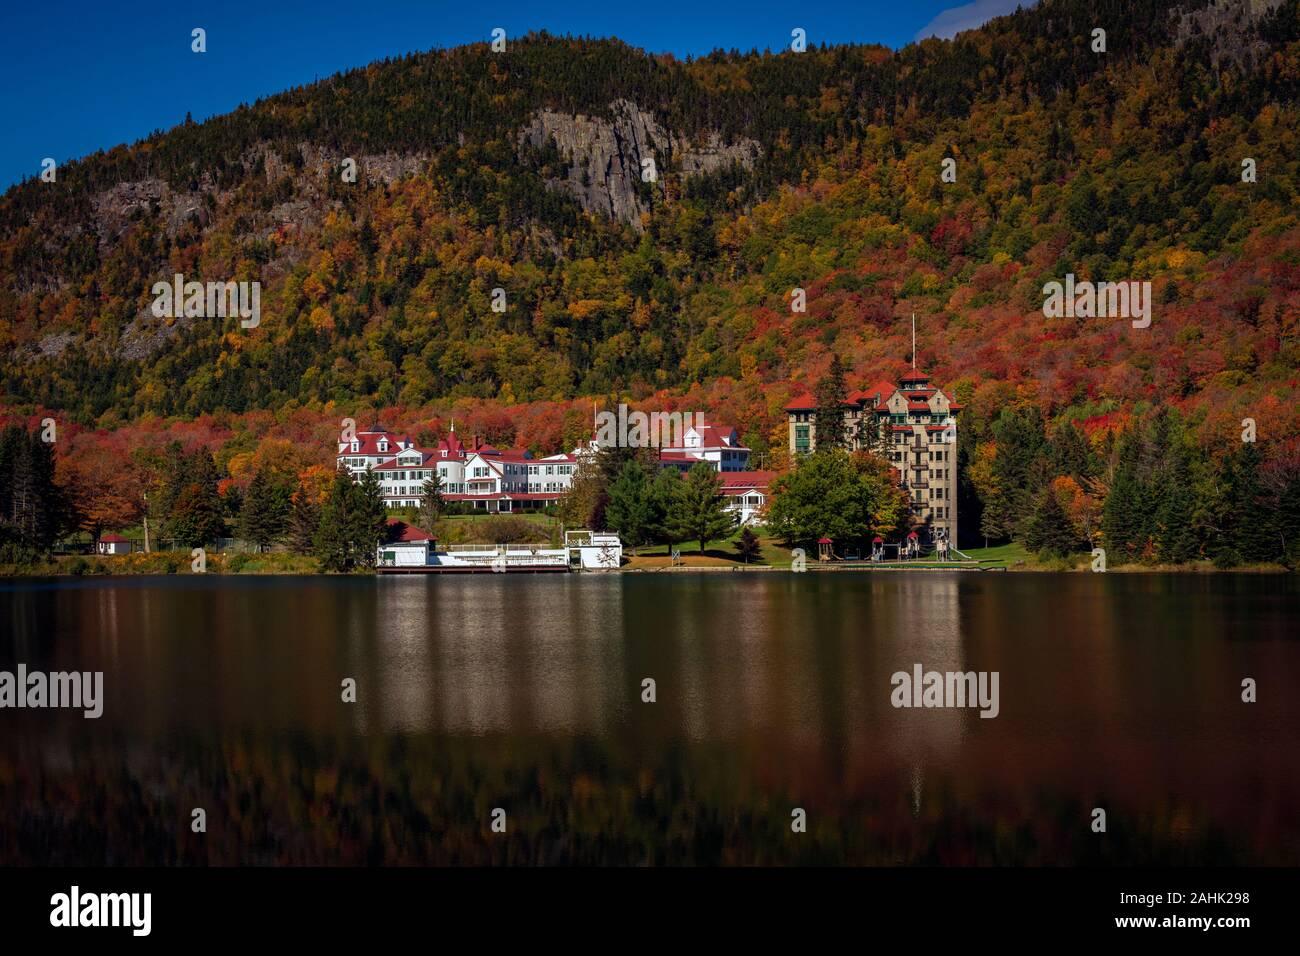 Dixville Notch, New Hampshire, Stati Uniti d'America - 30 Settembre 2019: il balsamo Resort slated per essere riproposto come una importante area sciistica. Foto Stock